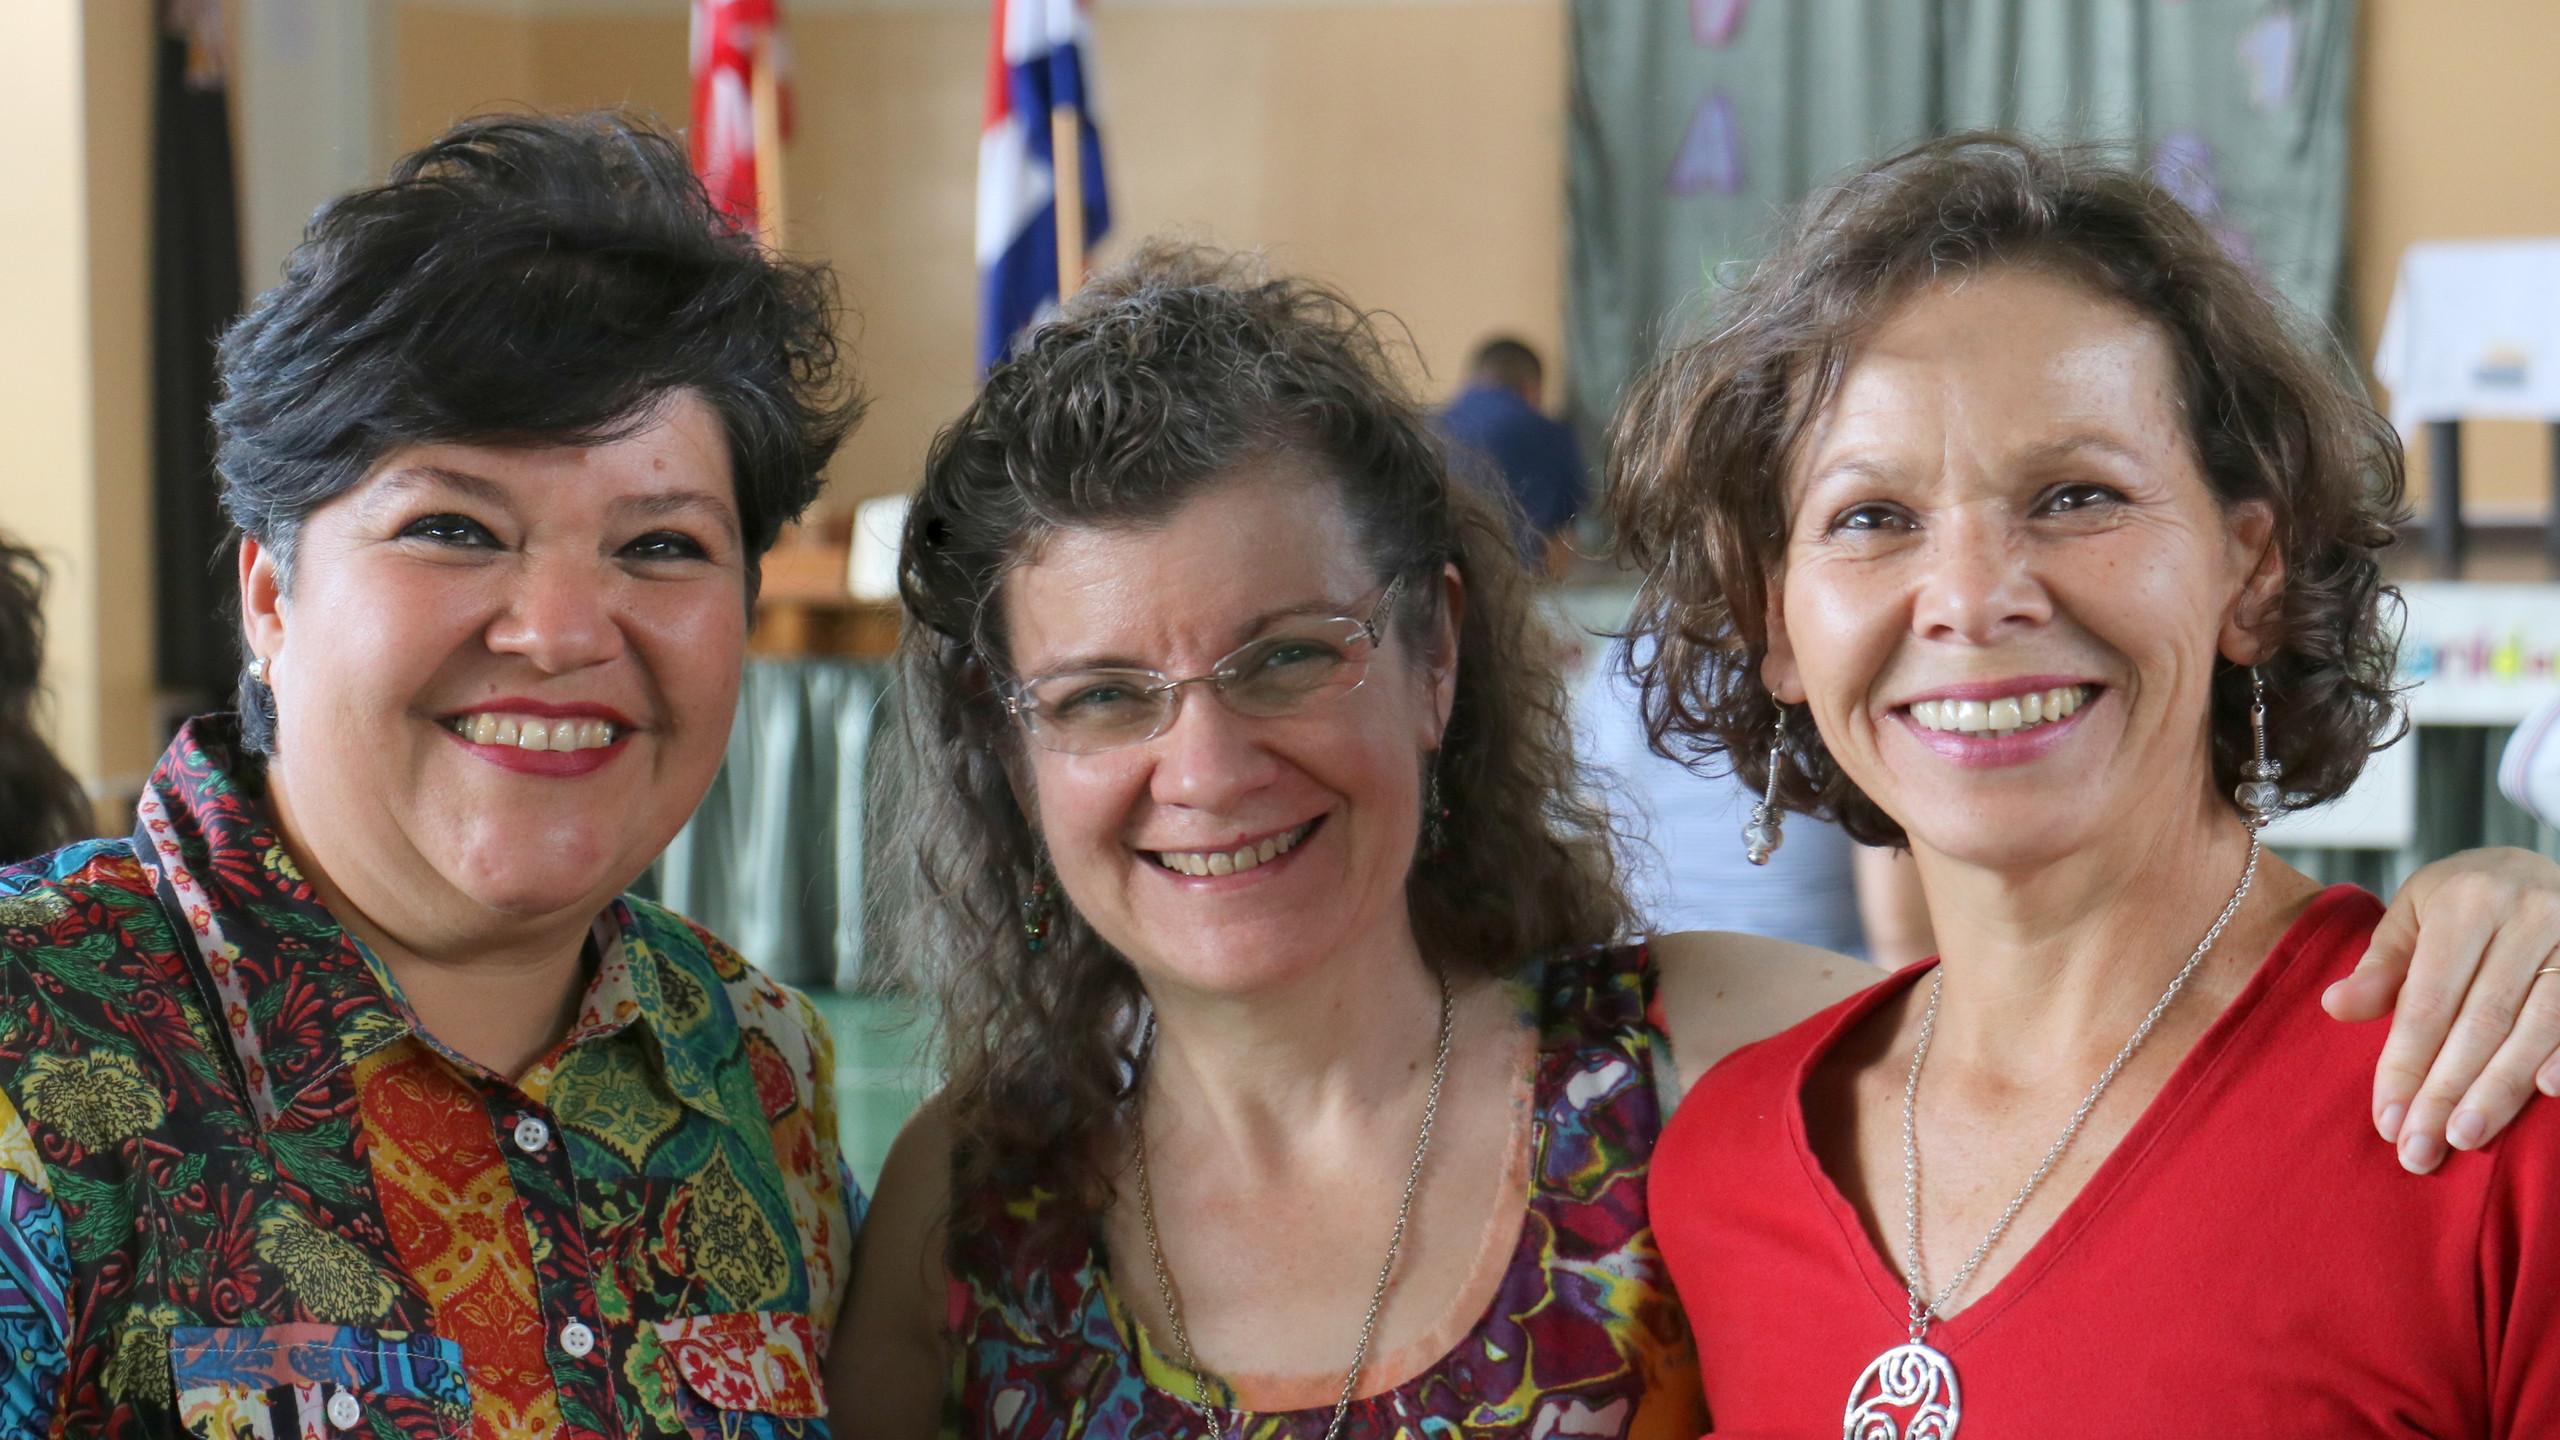 Mau, Tia, and Mimi